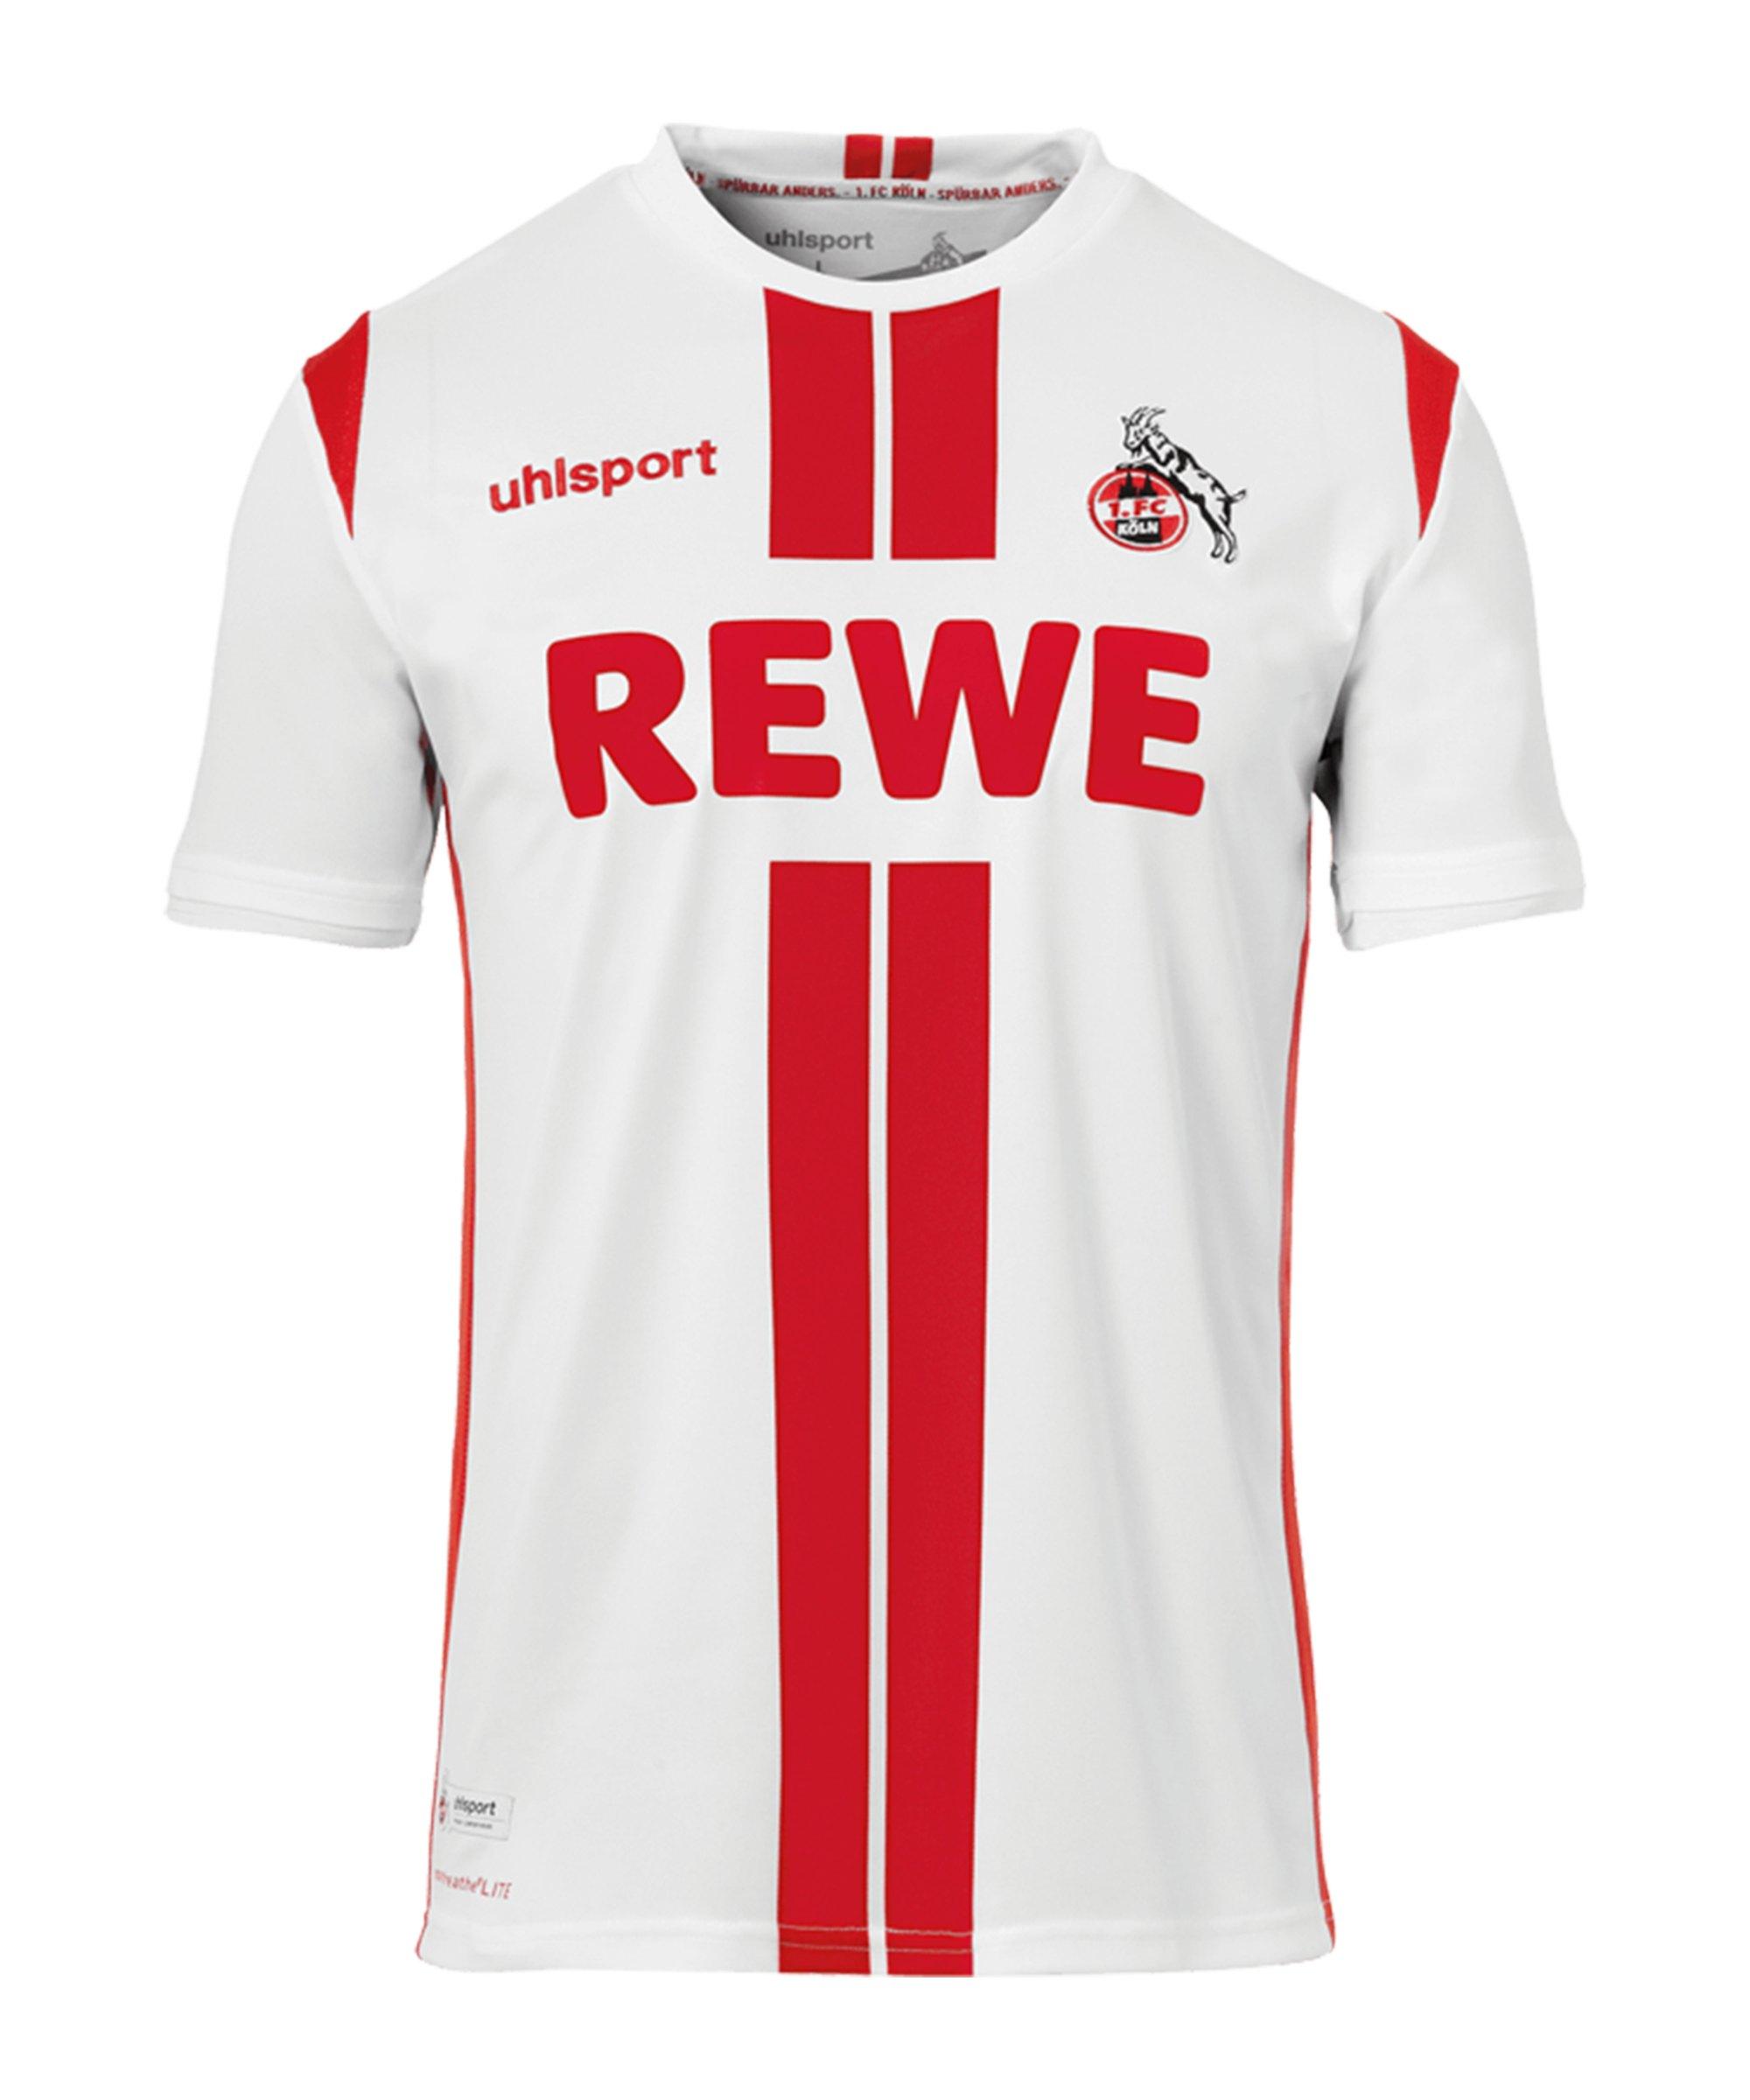 Uhlsport 1. FC Köln Trikot Home 2020/2021 Damen Weiss - weiss